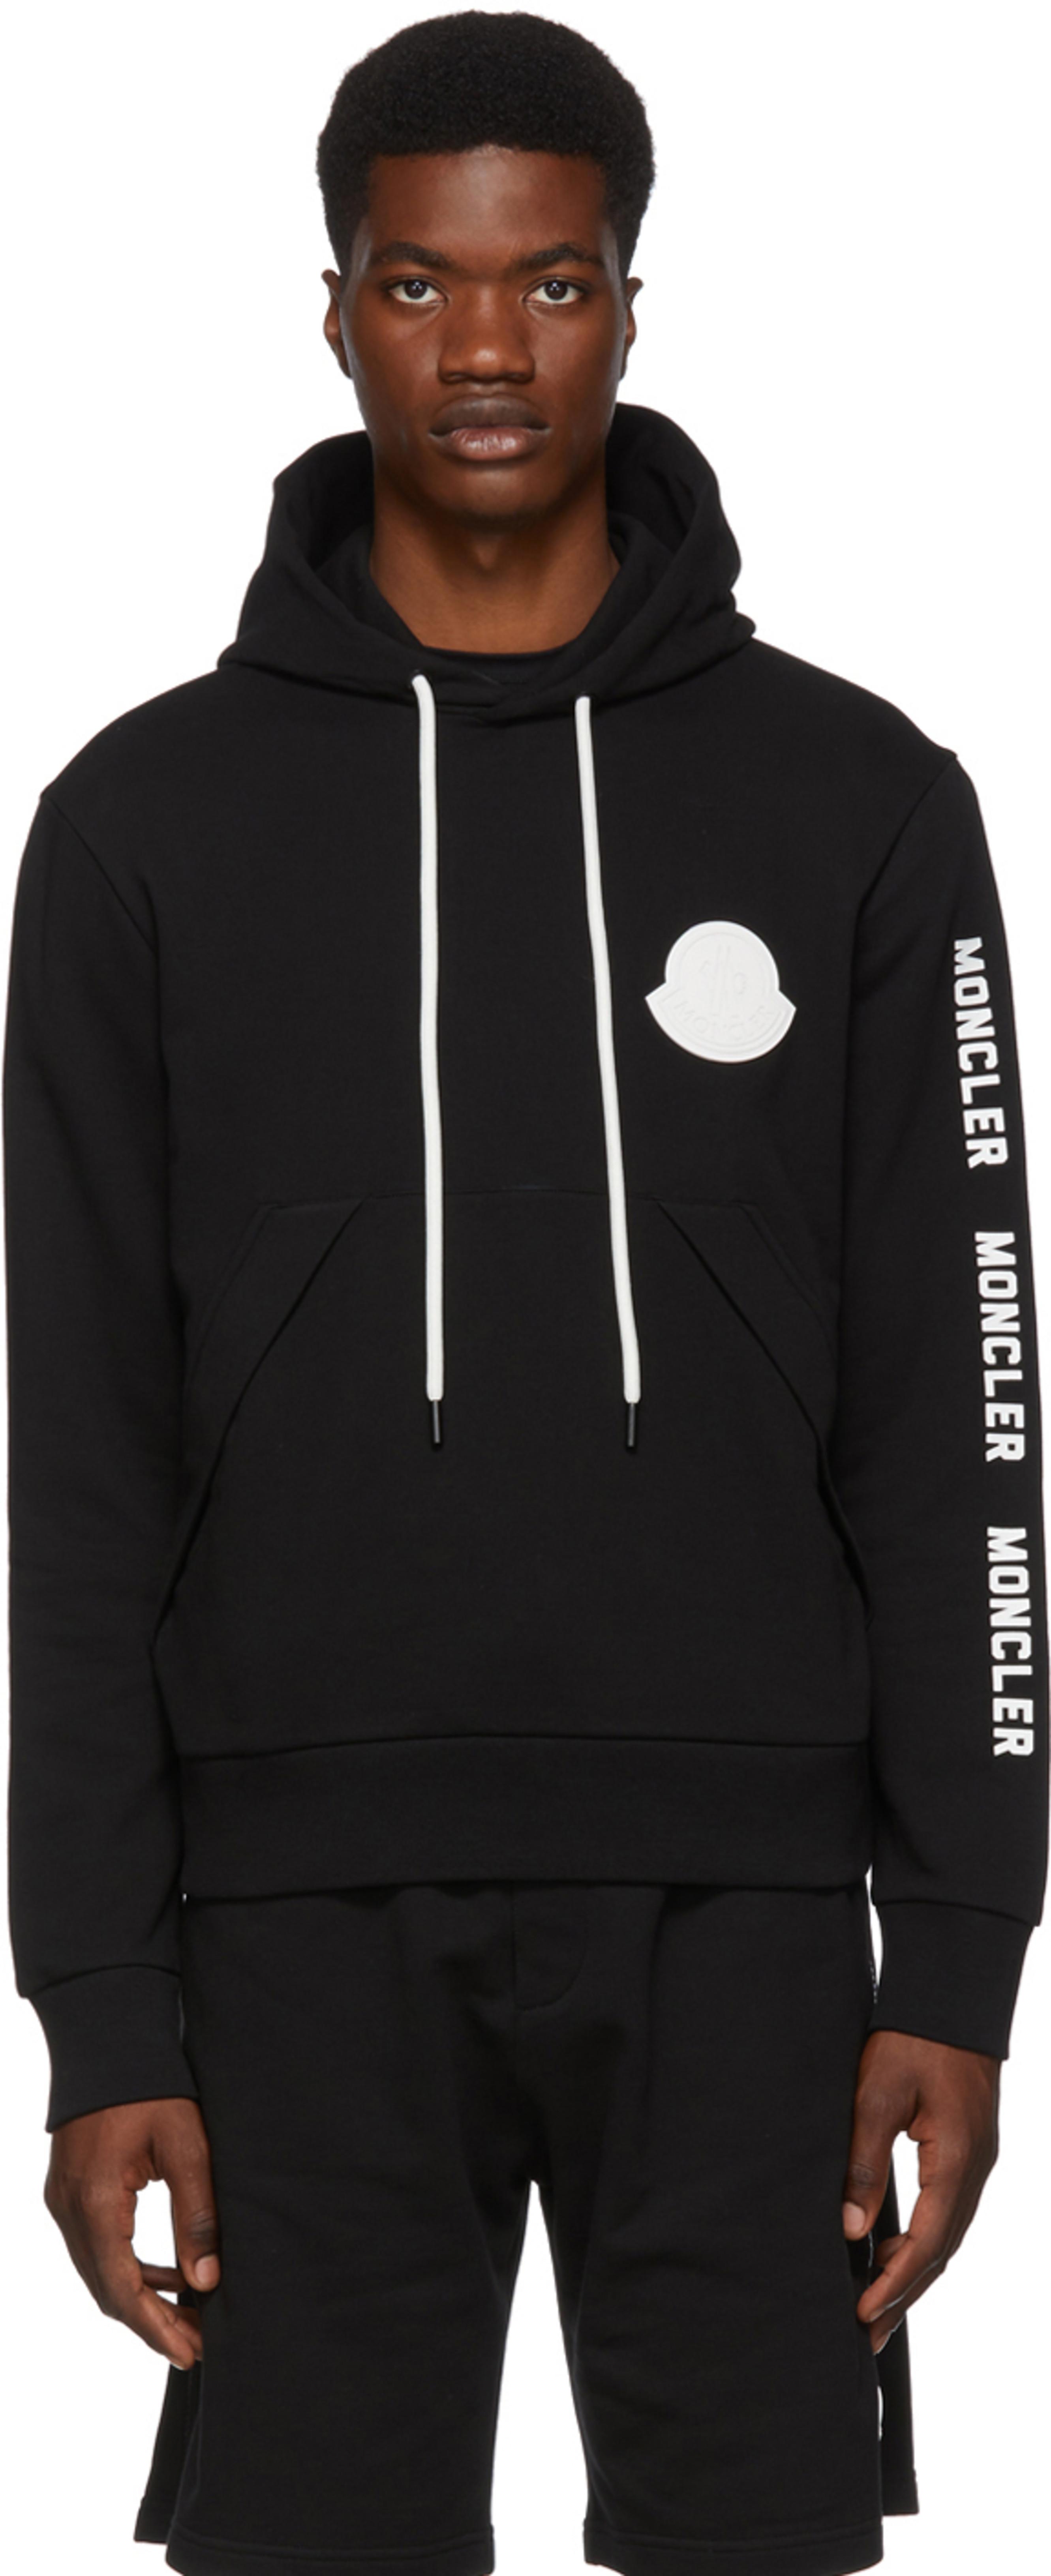 meet 66512 0f984 Black Logo Hoodie